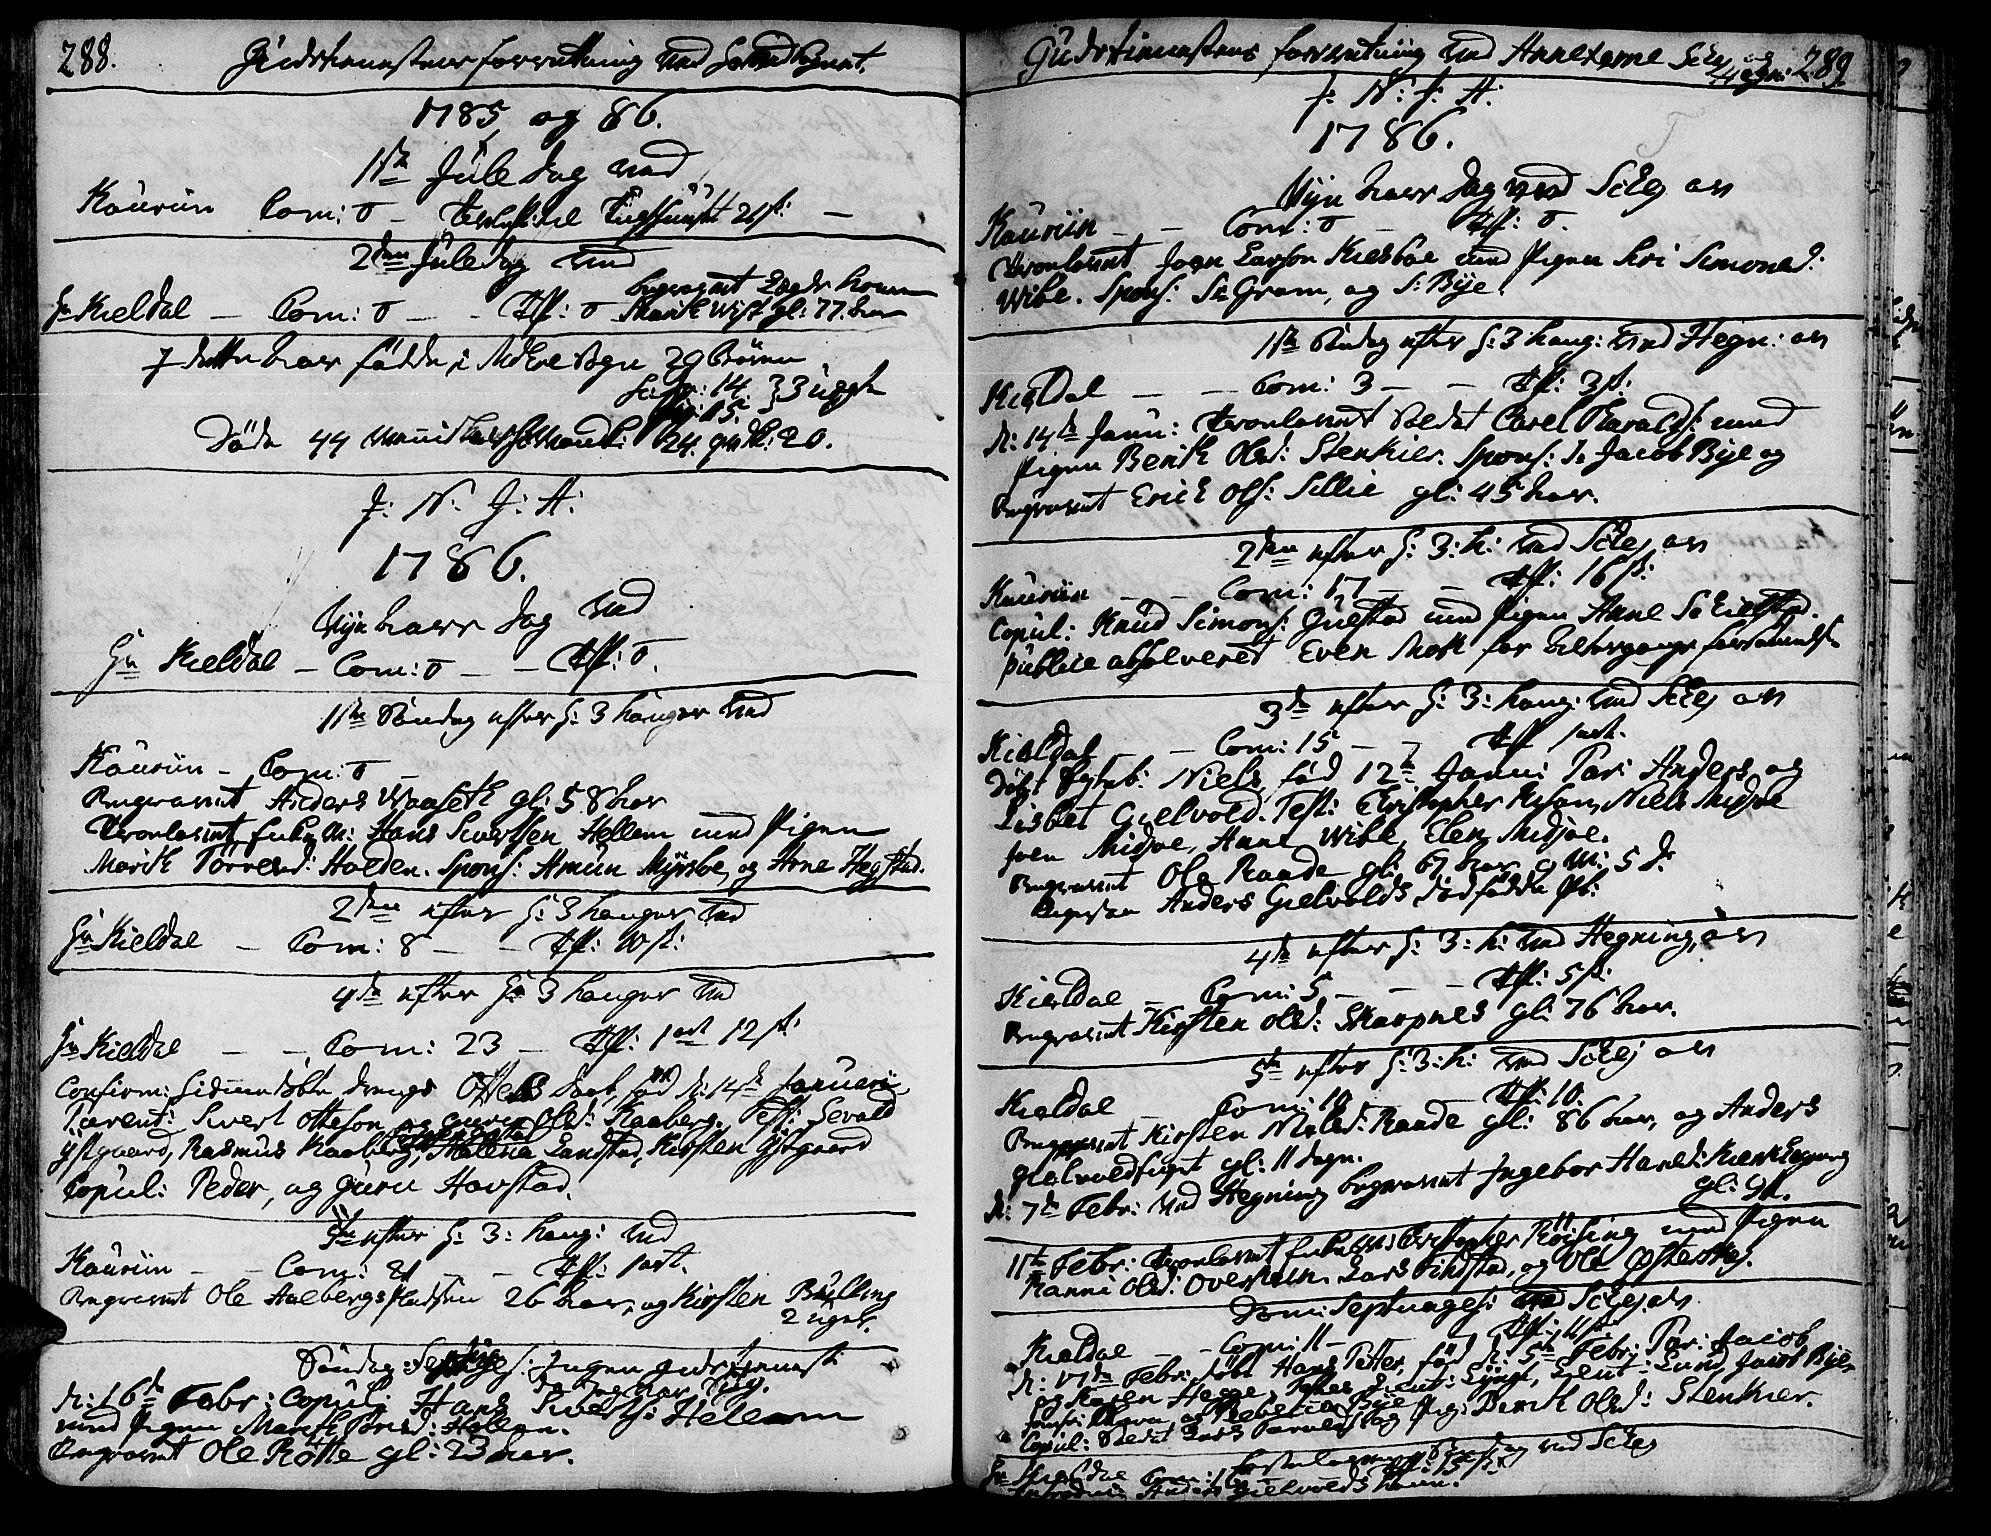 SAT, Ministerialprotokoller, klokkerbøker og fødselsregistre - Nord-Trøndelag, 735/L0331: Ministerialbok nr. 735A02, 1762-1794, s. 288-289